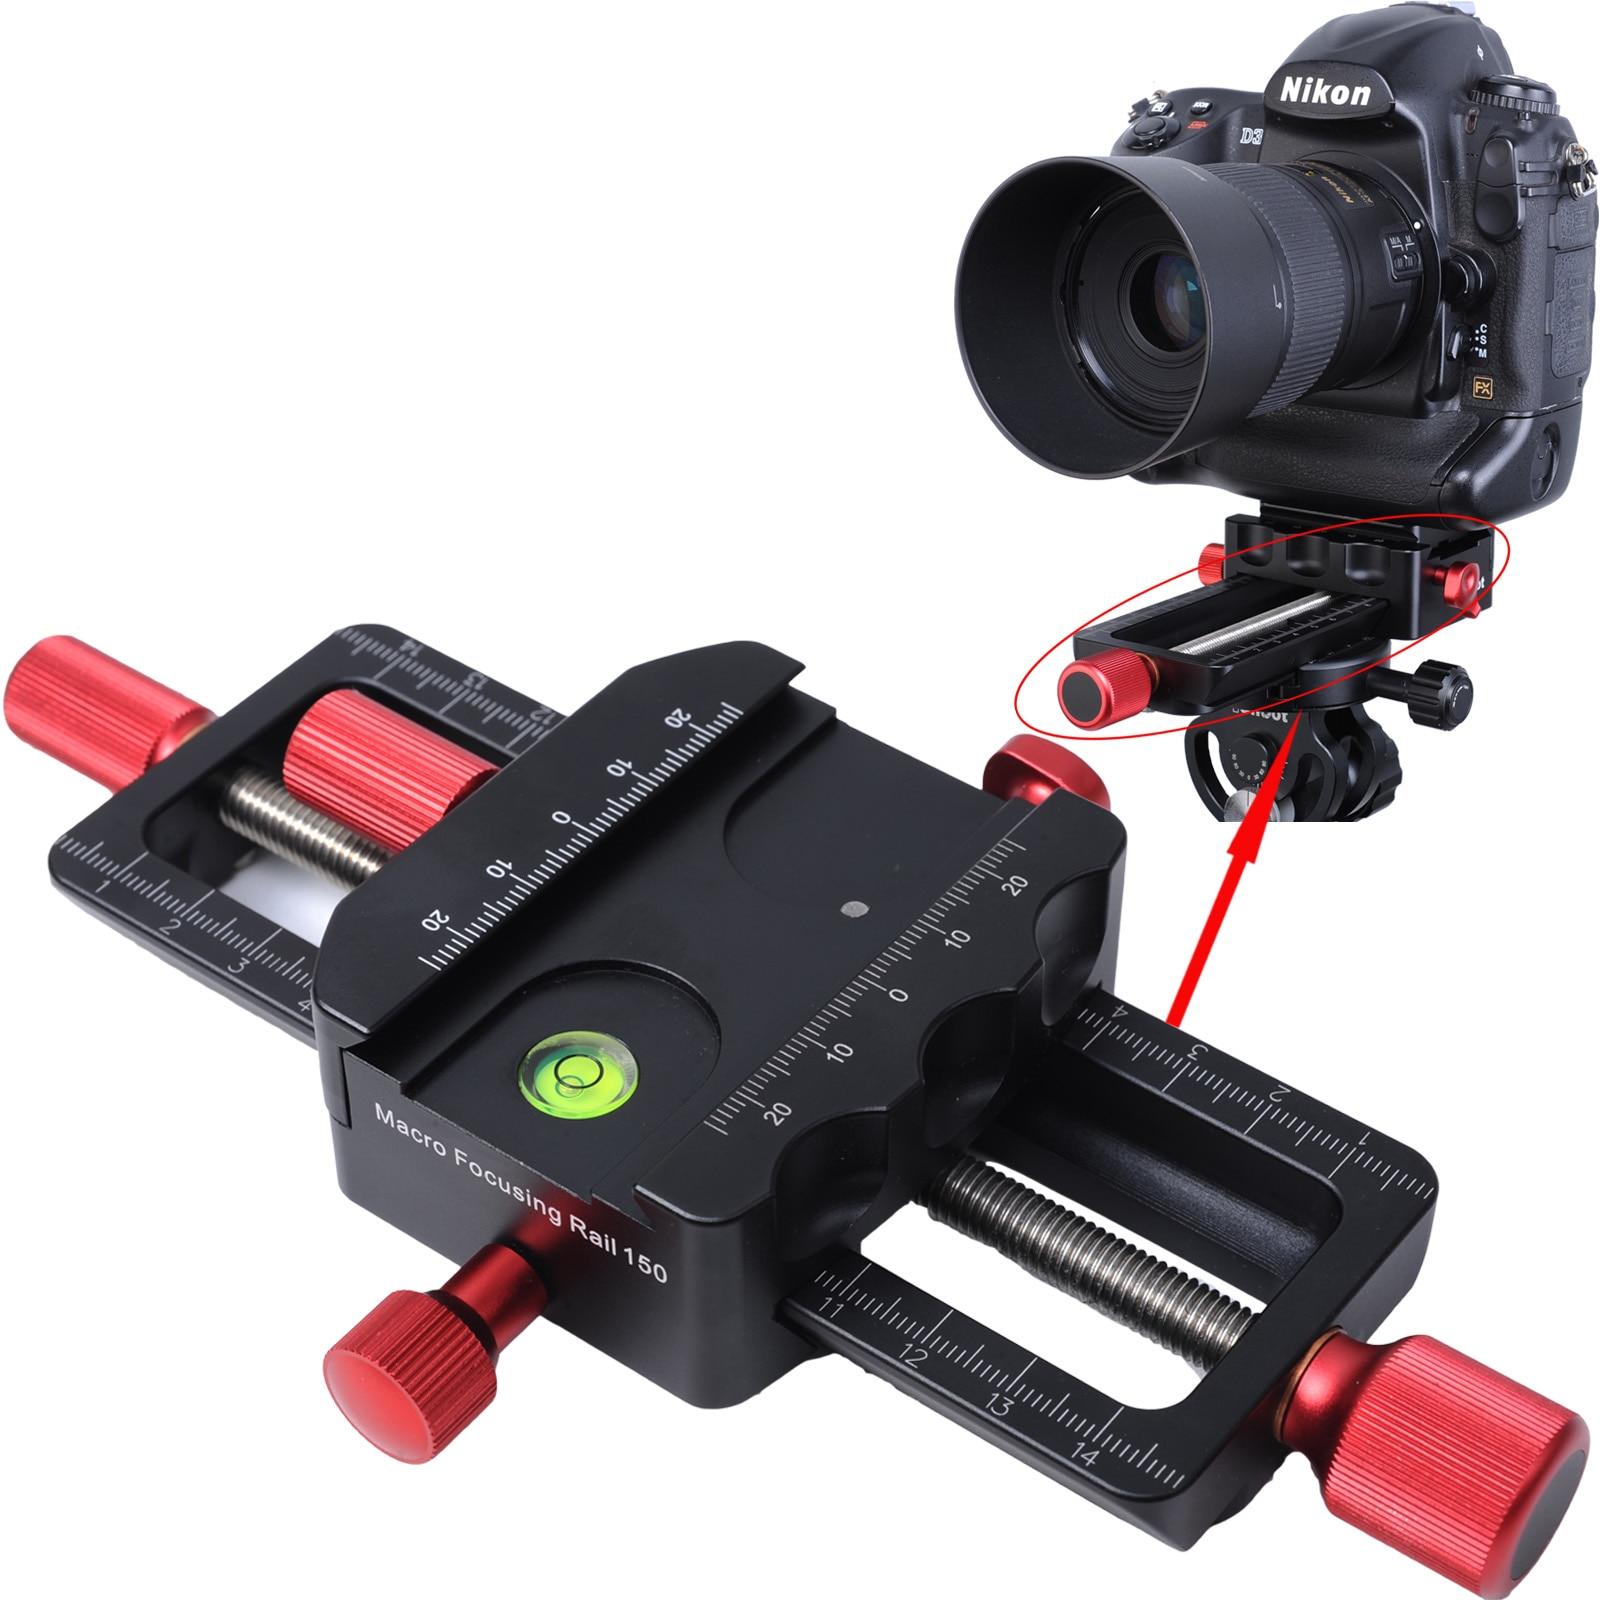 Направляющая для макросъемки 150 мм, направляющая для макросъемки с зажимом Arca-Swiss, БЫСТРОРАЗЪЕМНАЯ пластина для штатива с шаровой головкой